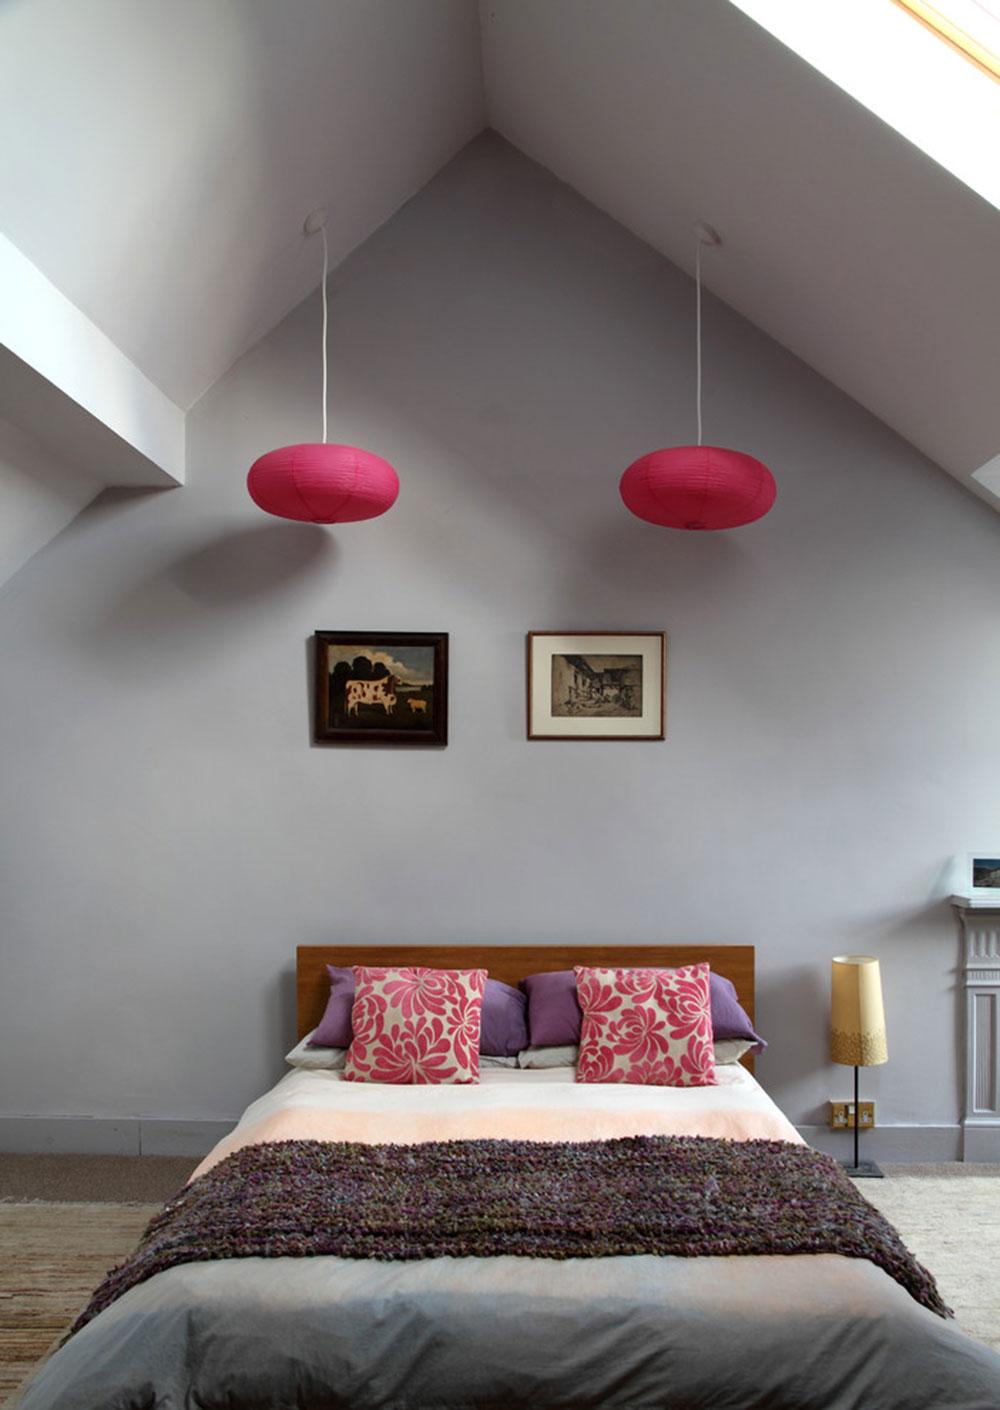 Sovrum-belysning-tips-och-bilder-6 Sovrum-belysning tips och bilder